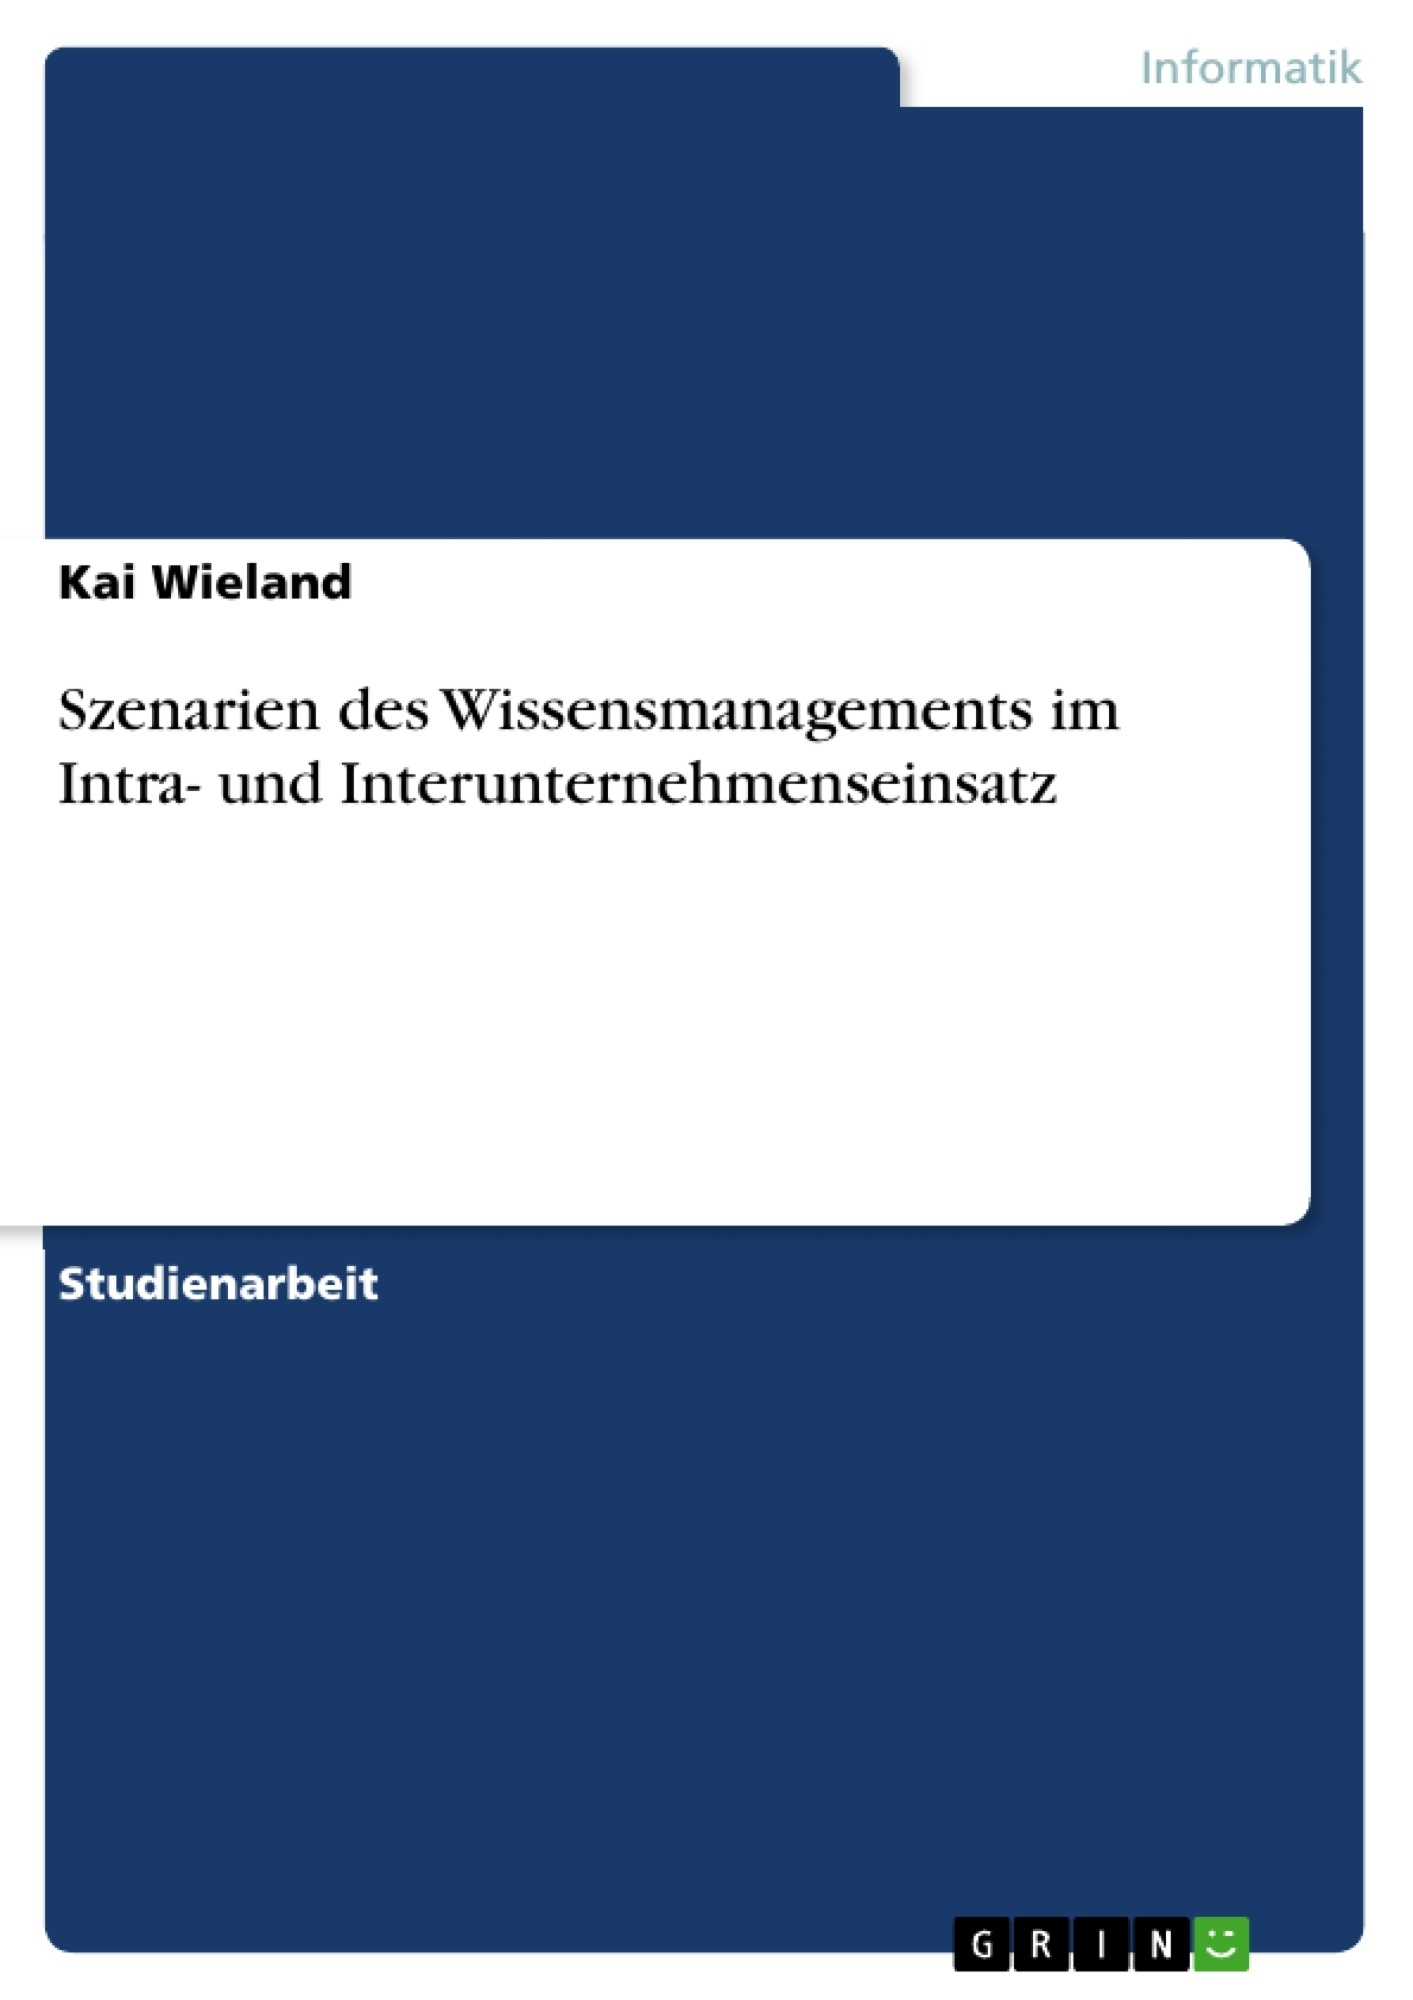 Titel: Szenarien des Wissensmanagements im Intra- und Interunternehmenseinsatz